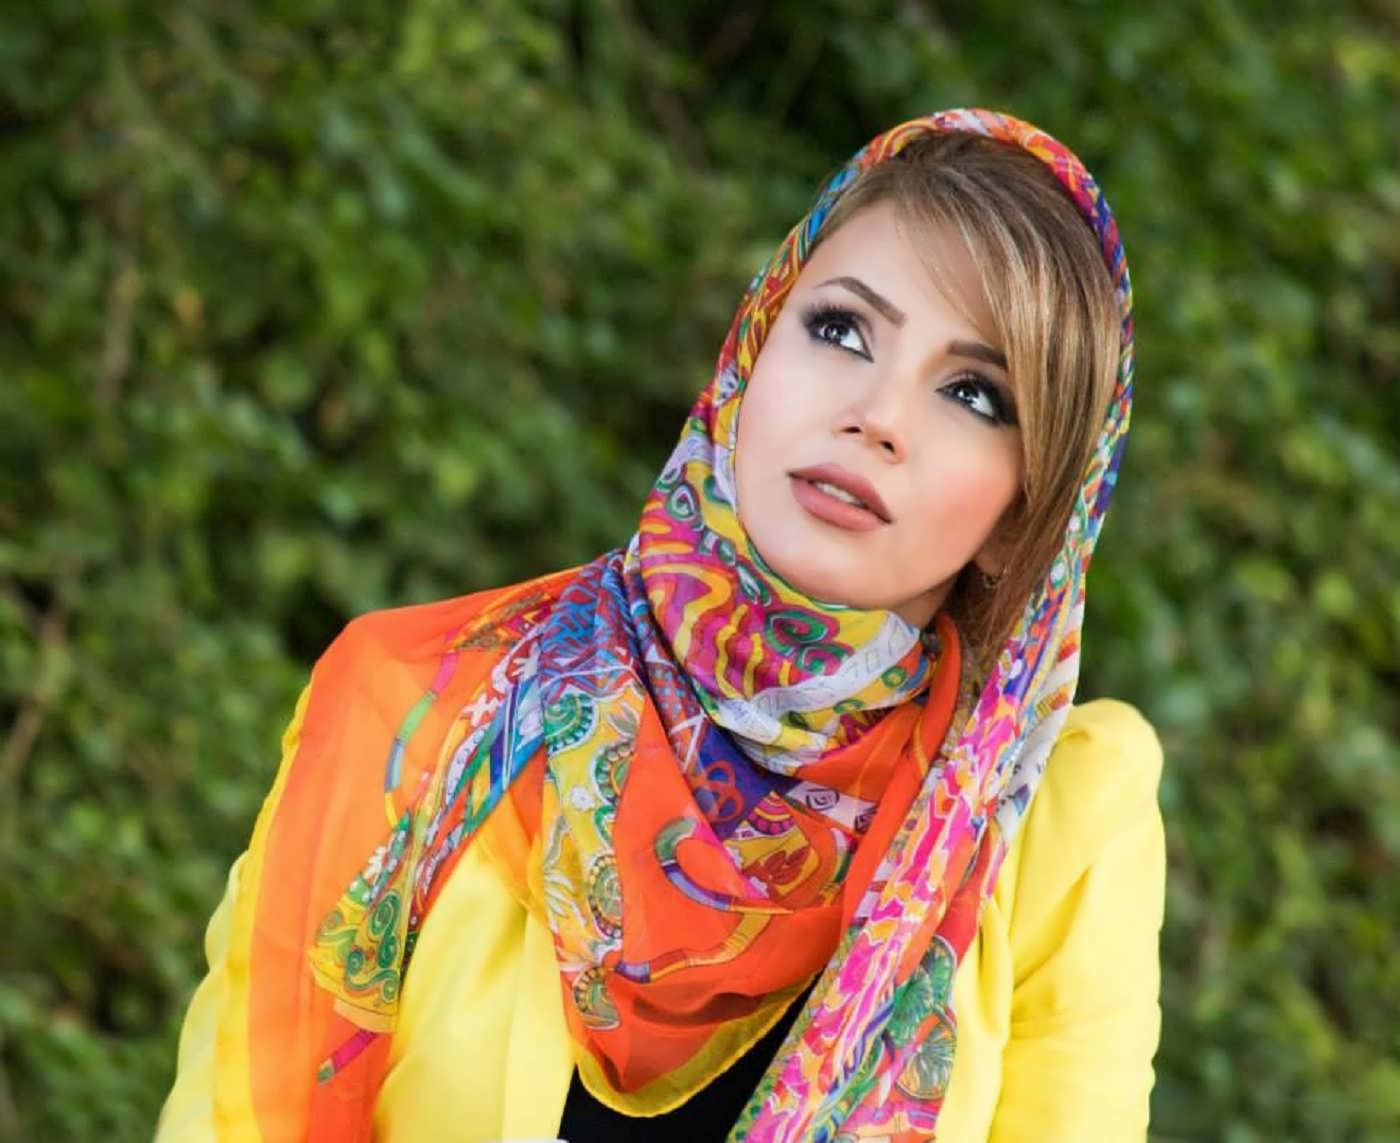 Shabnam Gholikhani Shabnam Gholikhani new pictures